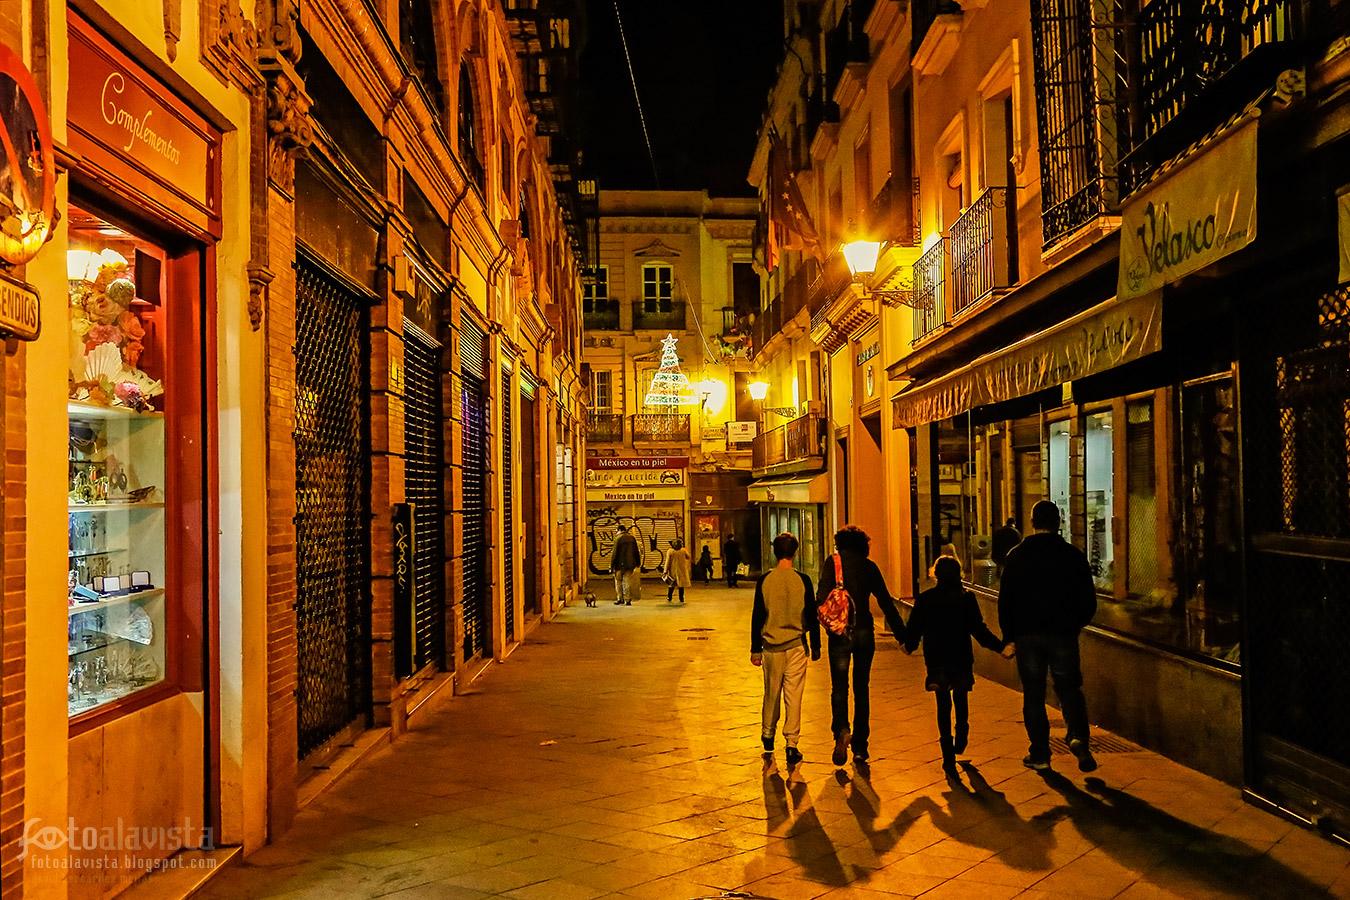 Por la calle dorada camina una familia - Fotografía